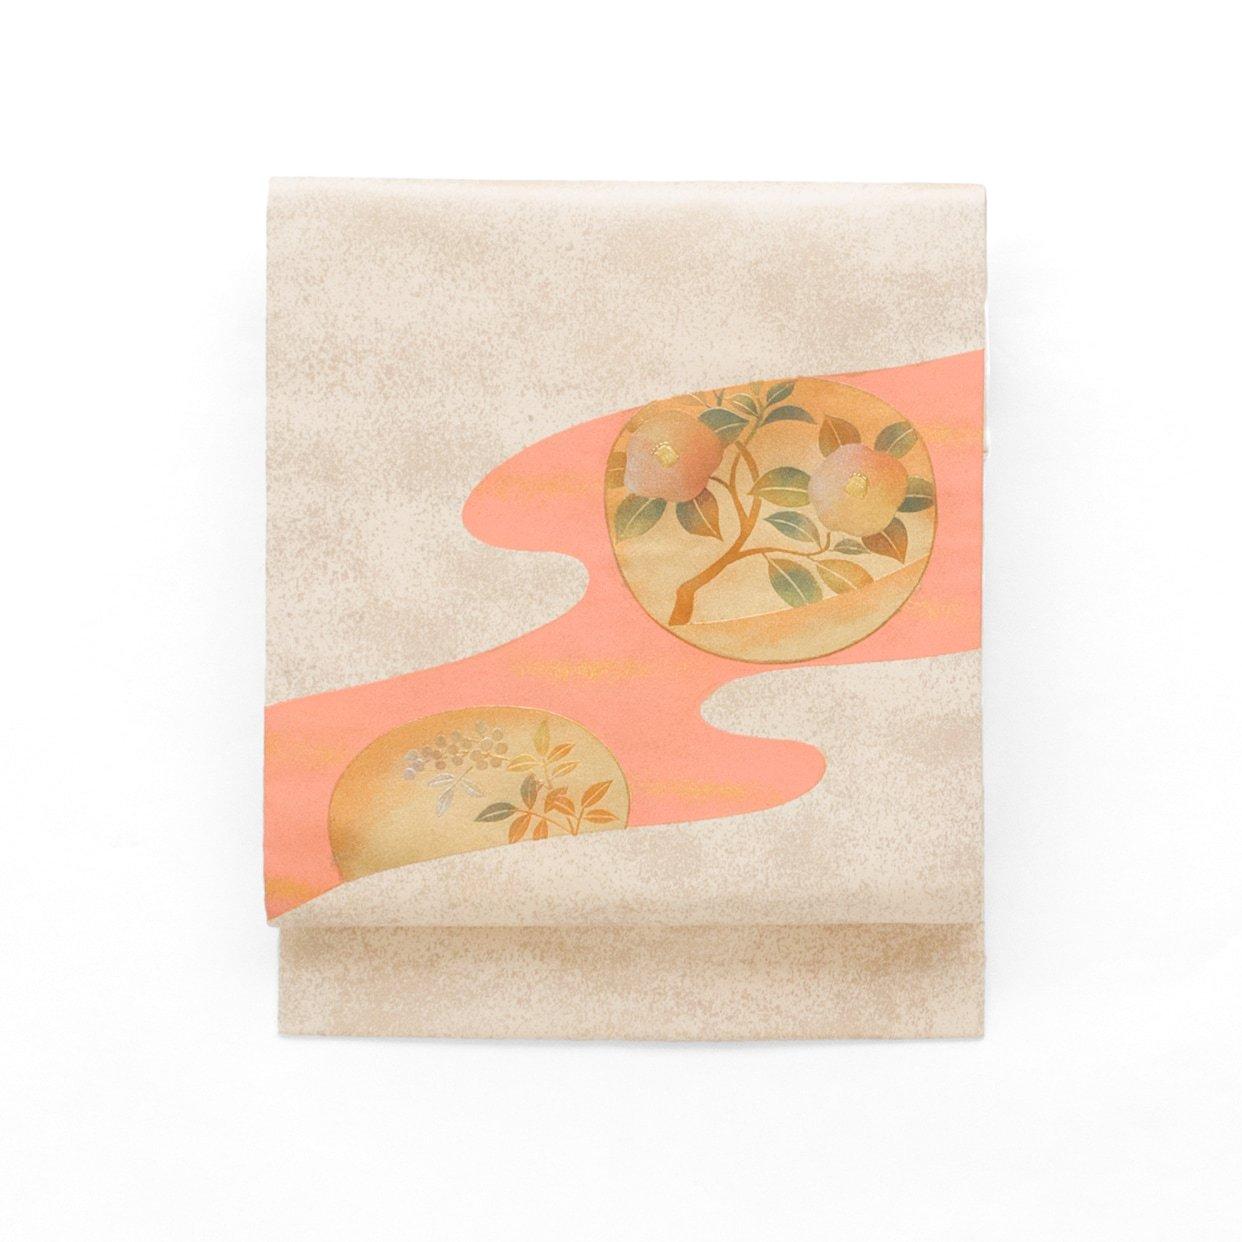 「霞に椿と南天」の商品画像